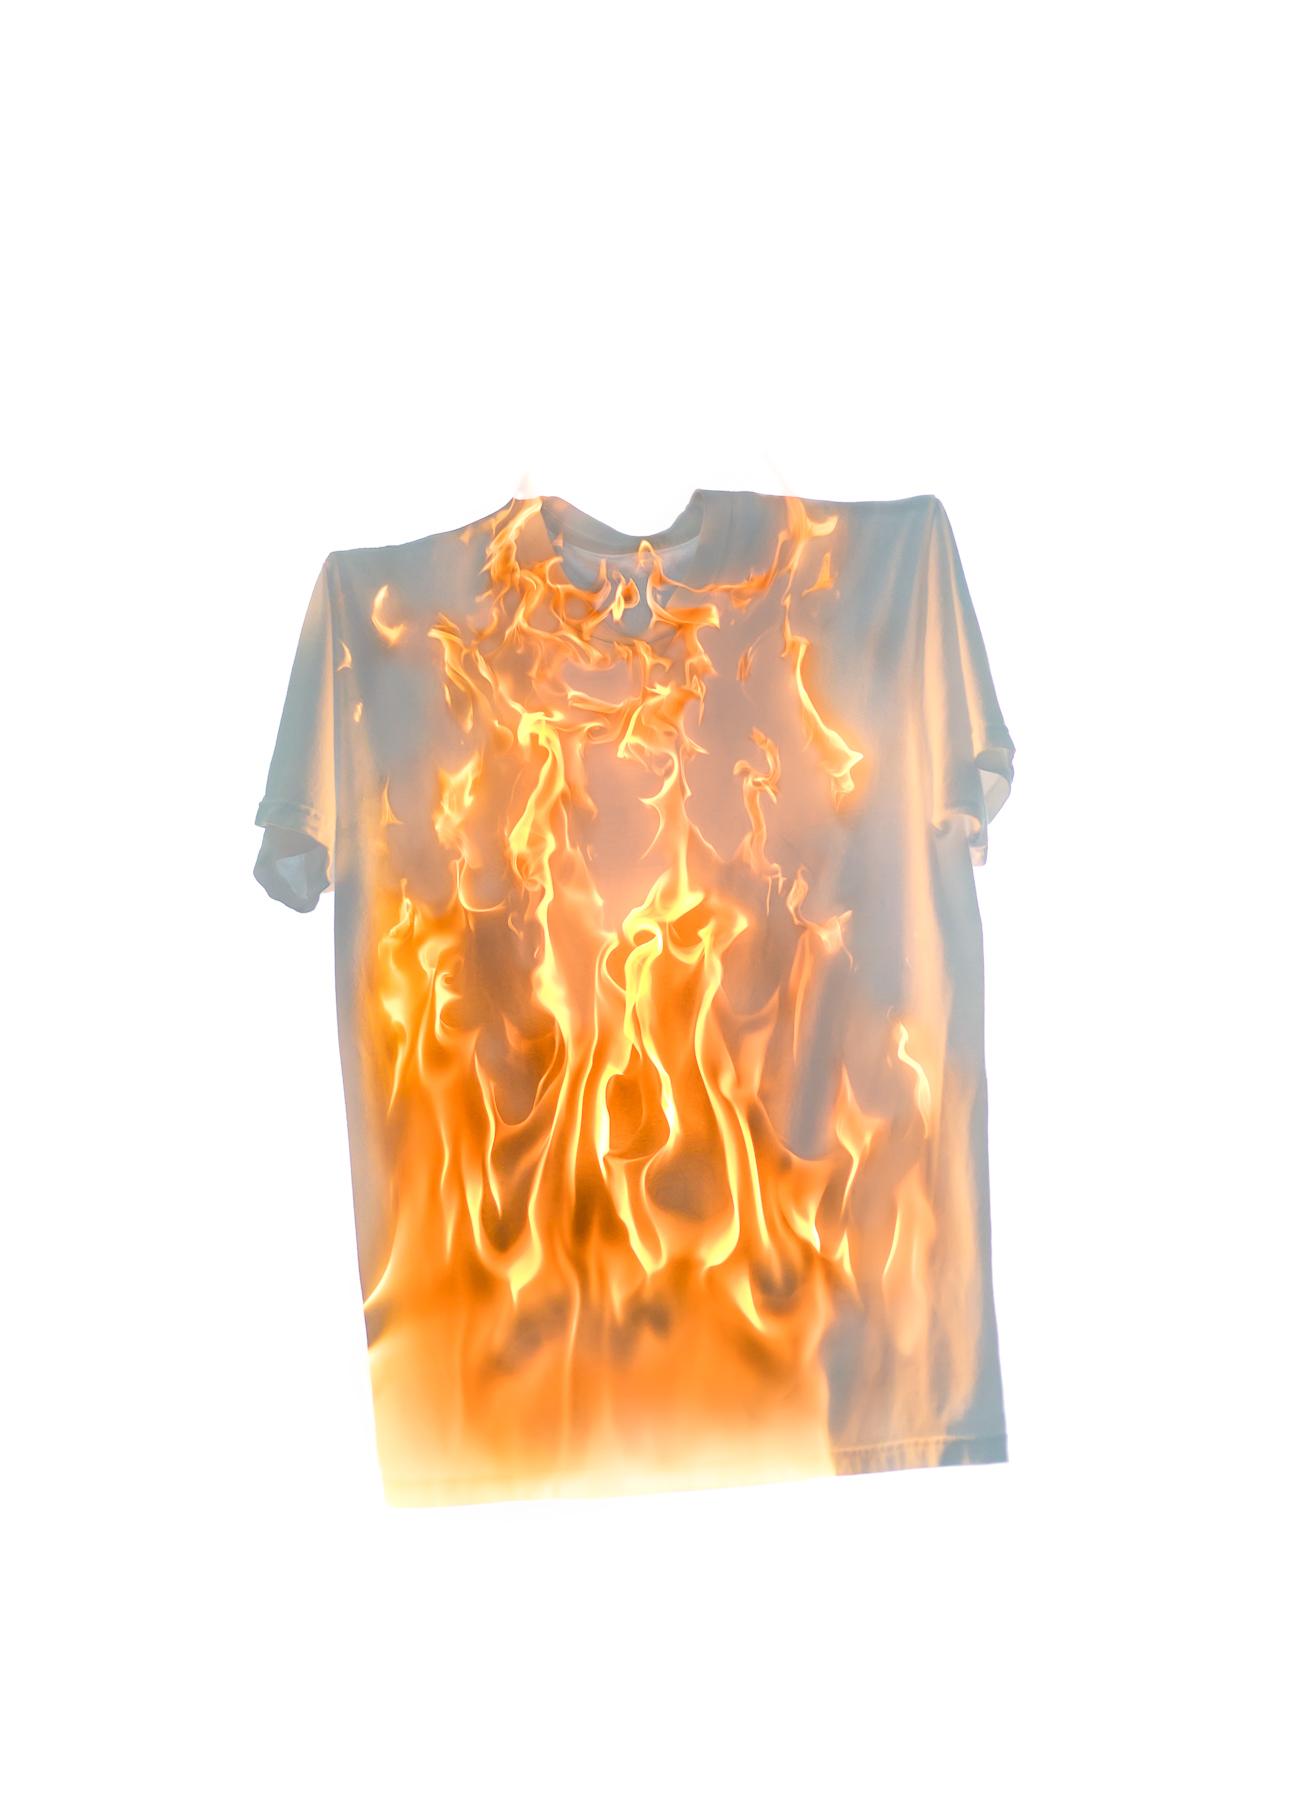 burning_garments-001.jpg